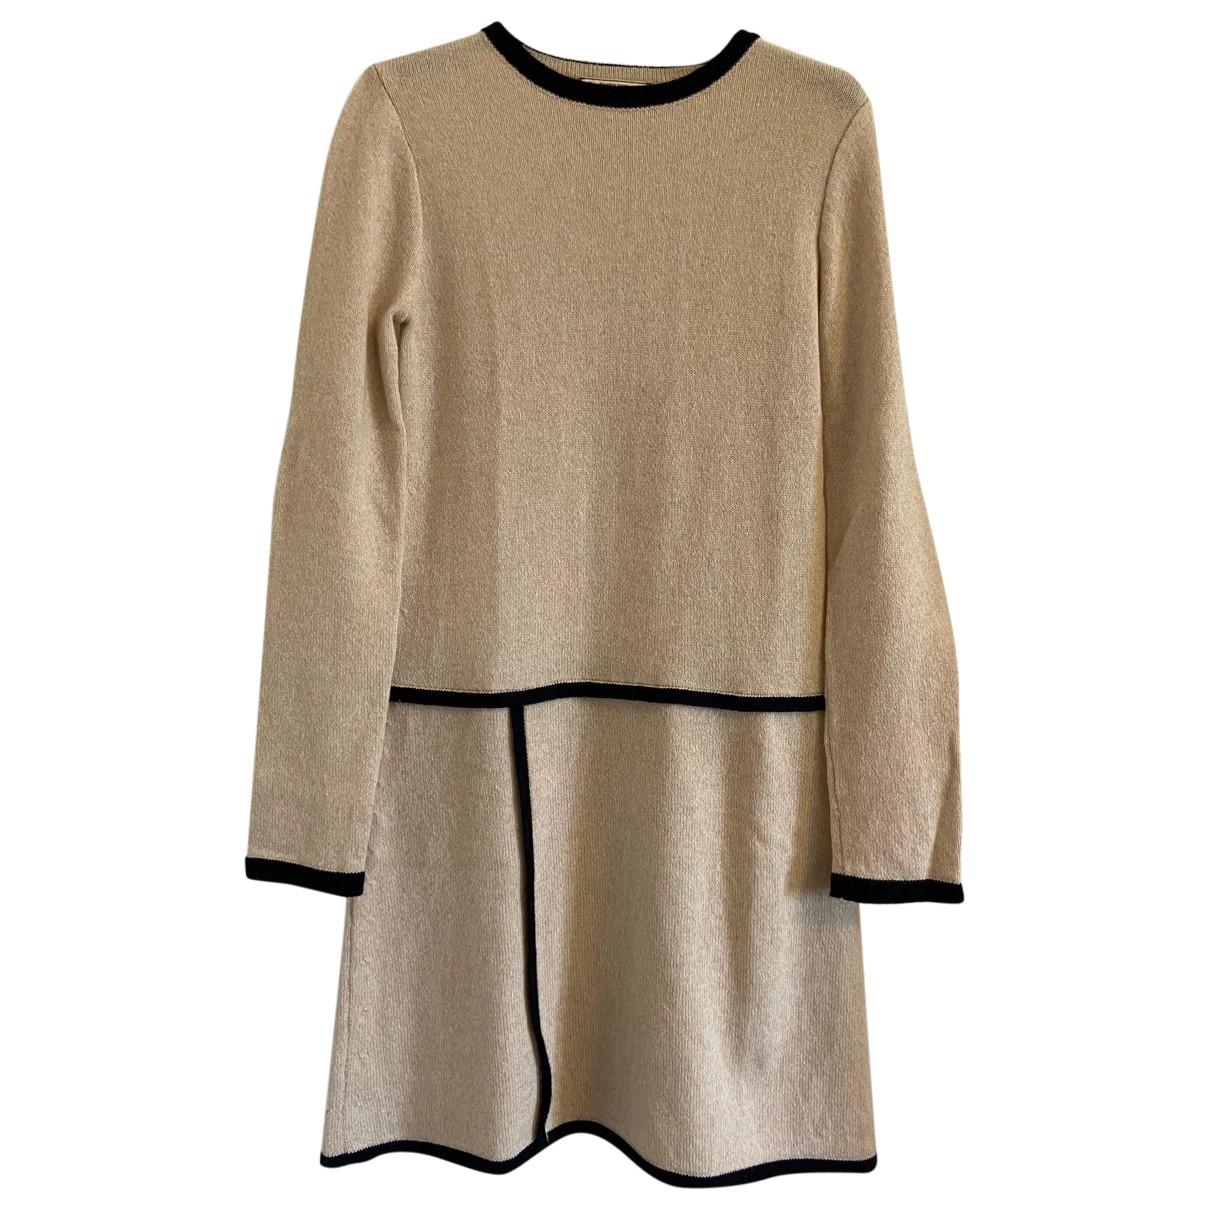 Bouchra Jarrar N Ecru Wool dress for Women 38 FR